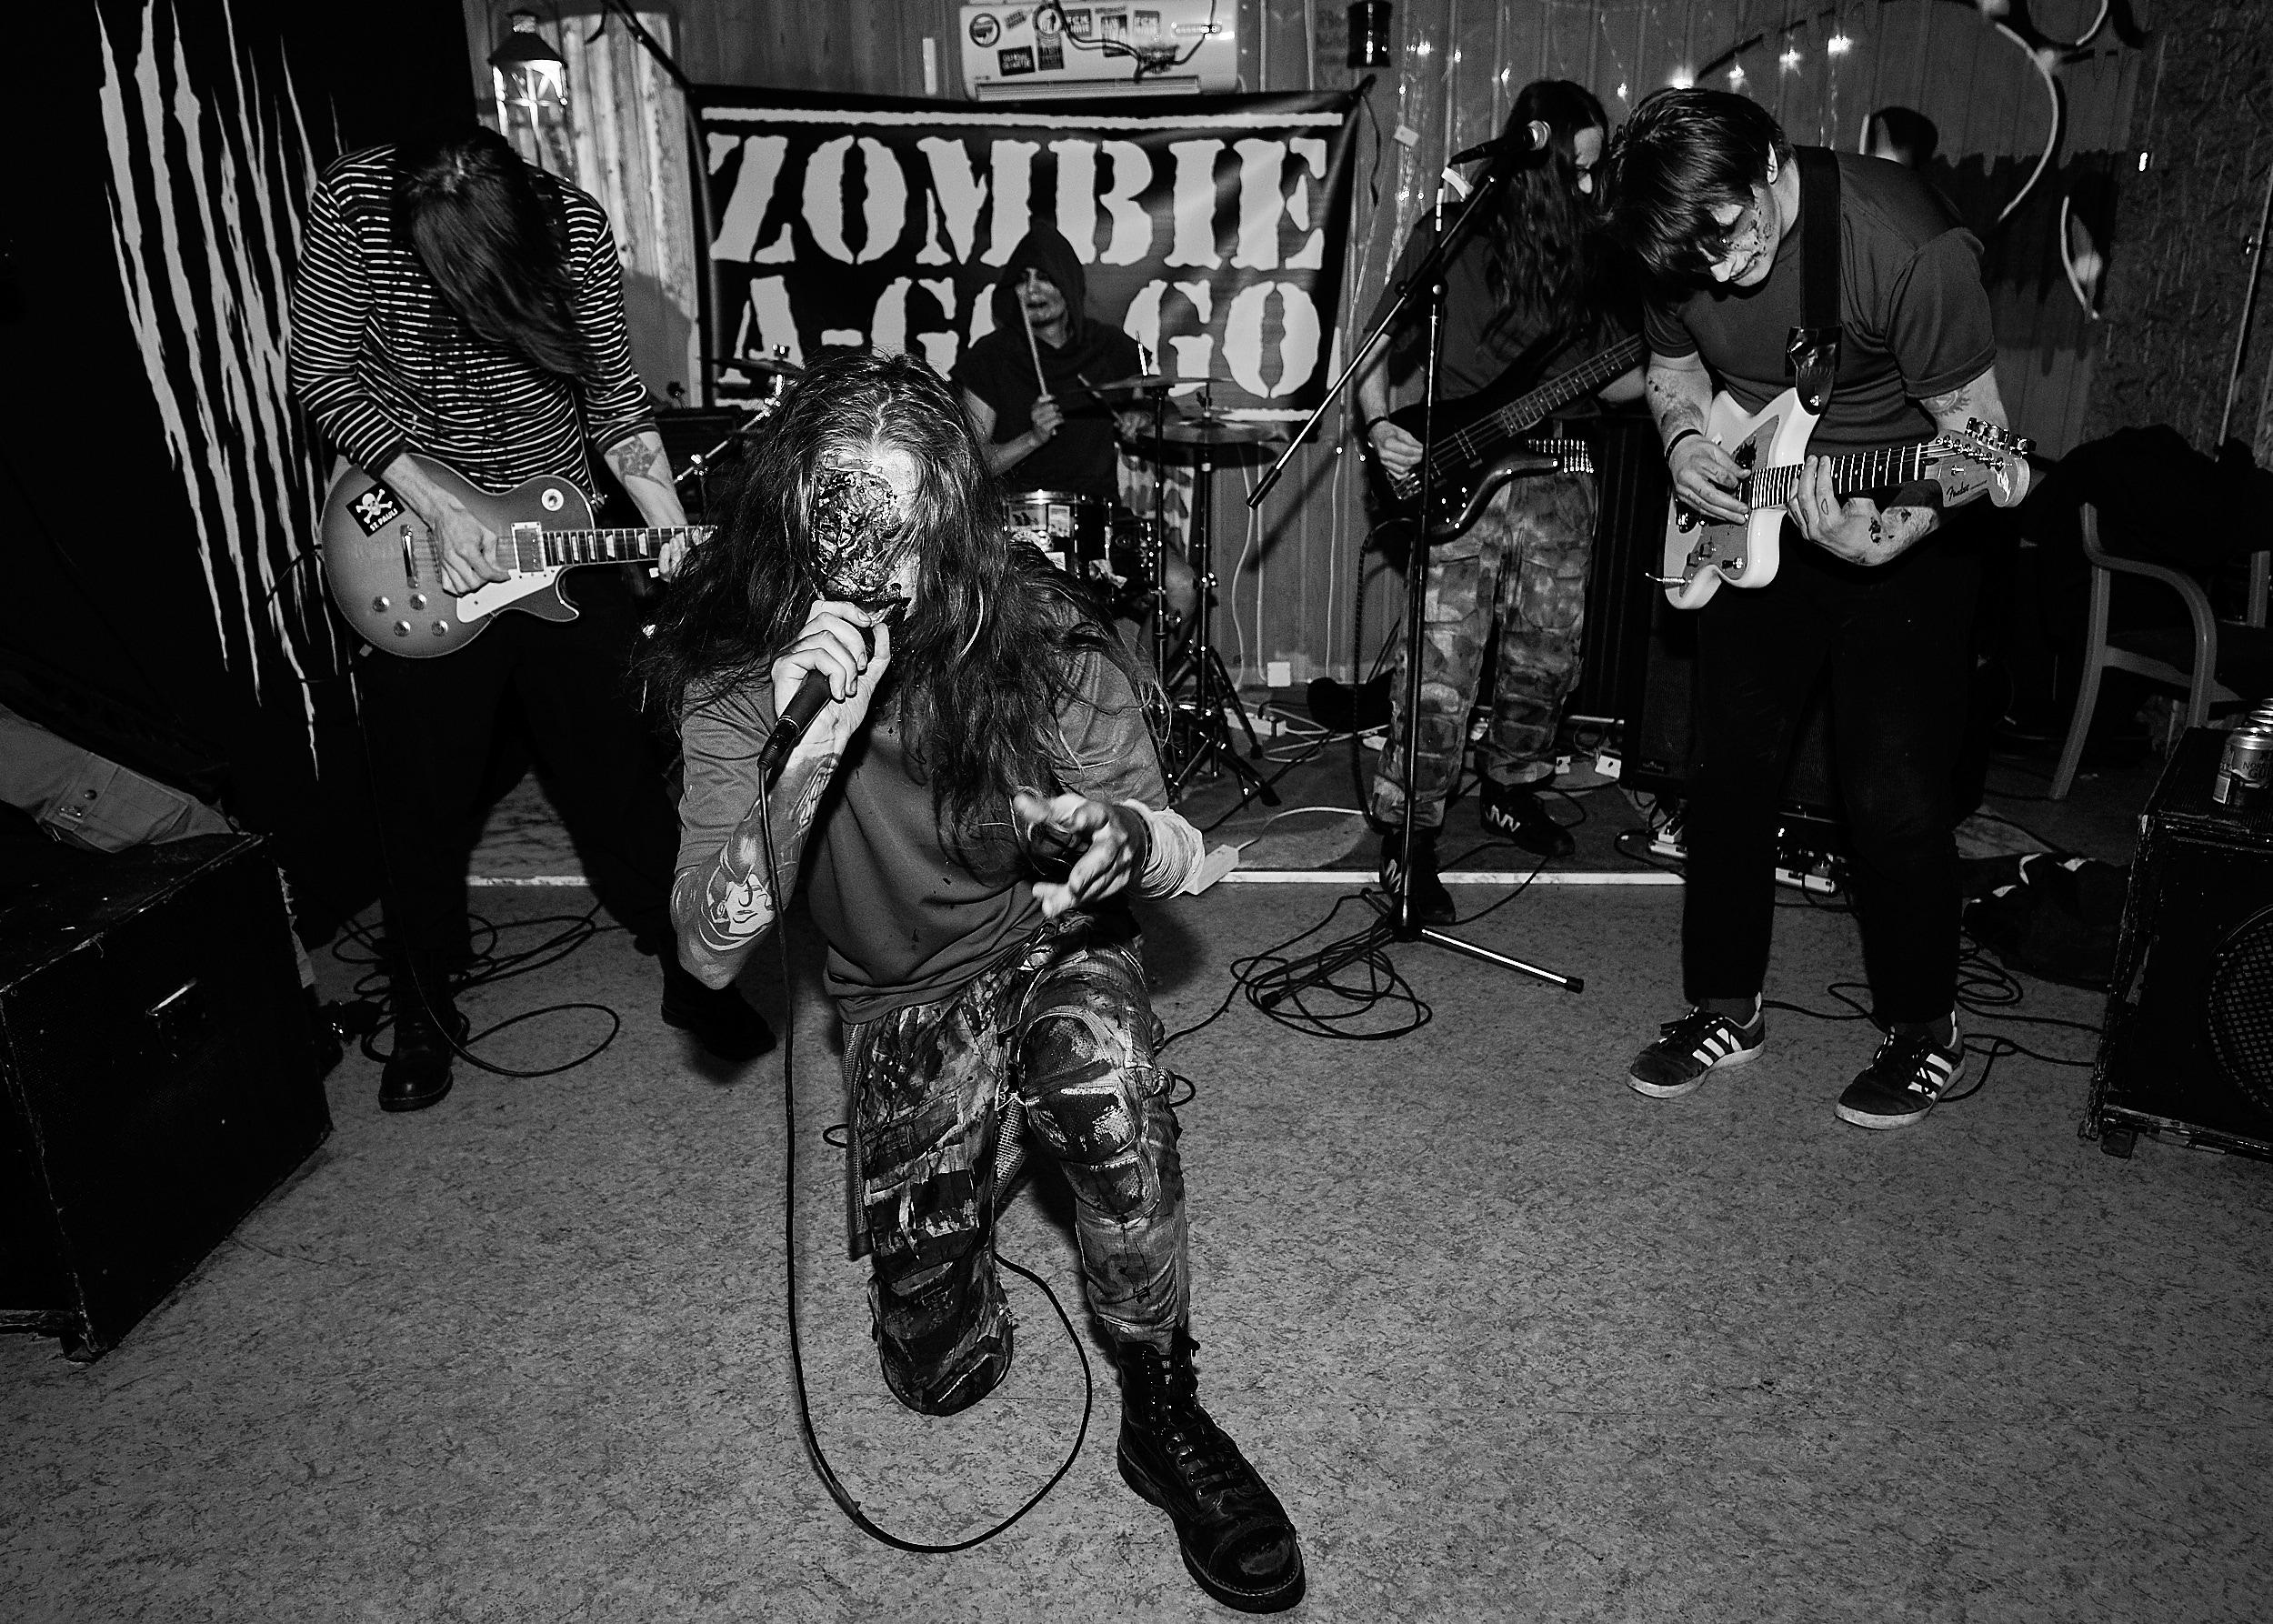 Zombie A-Go-Go